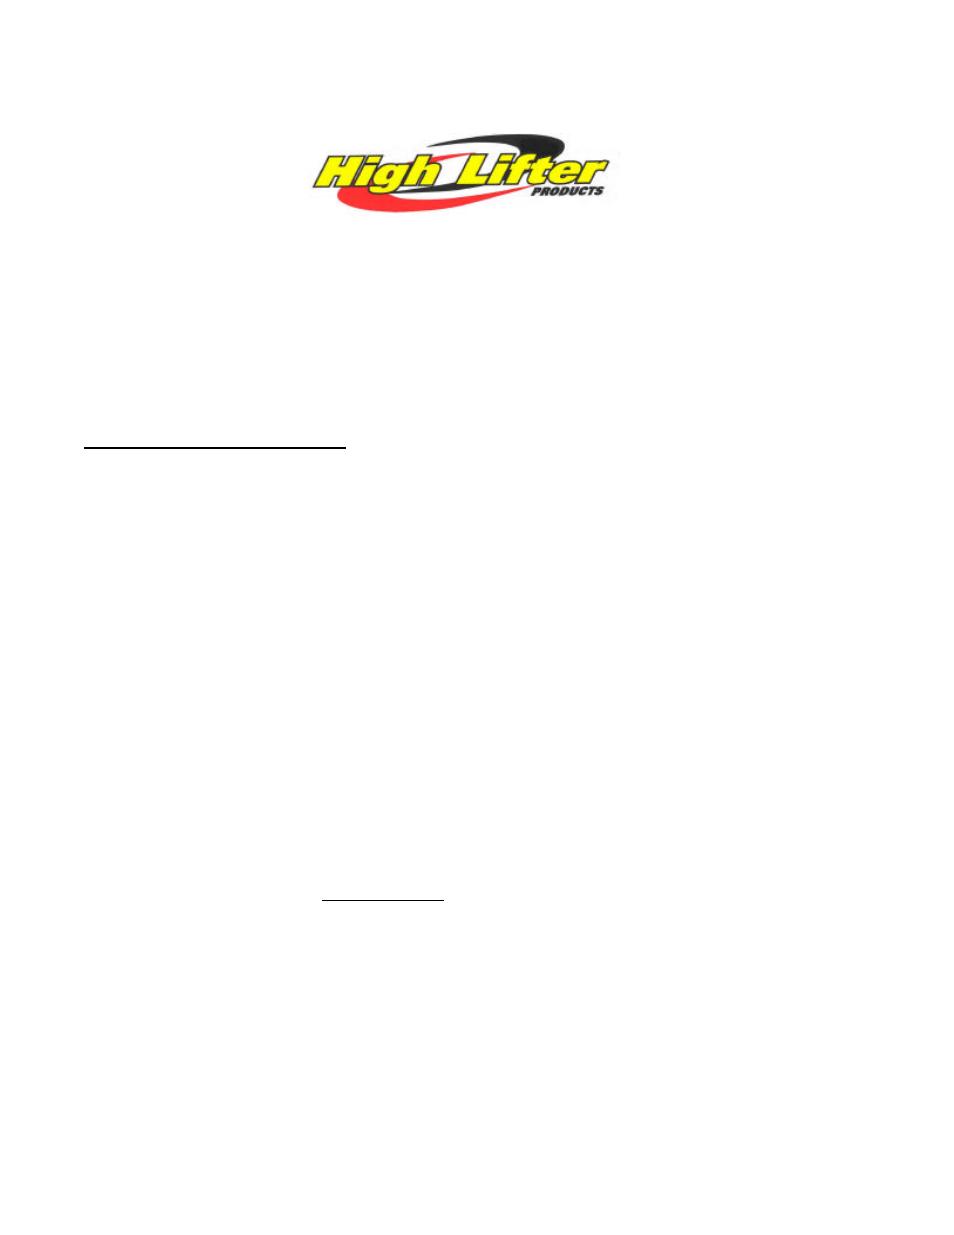 Kawasaki Prairie 700 Wiring Schematic. . Wiring Diagram on